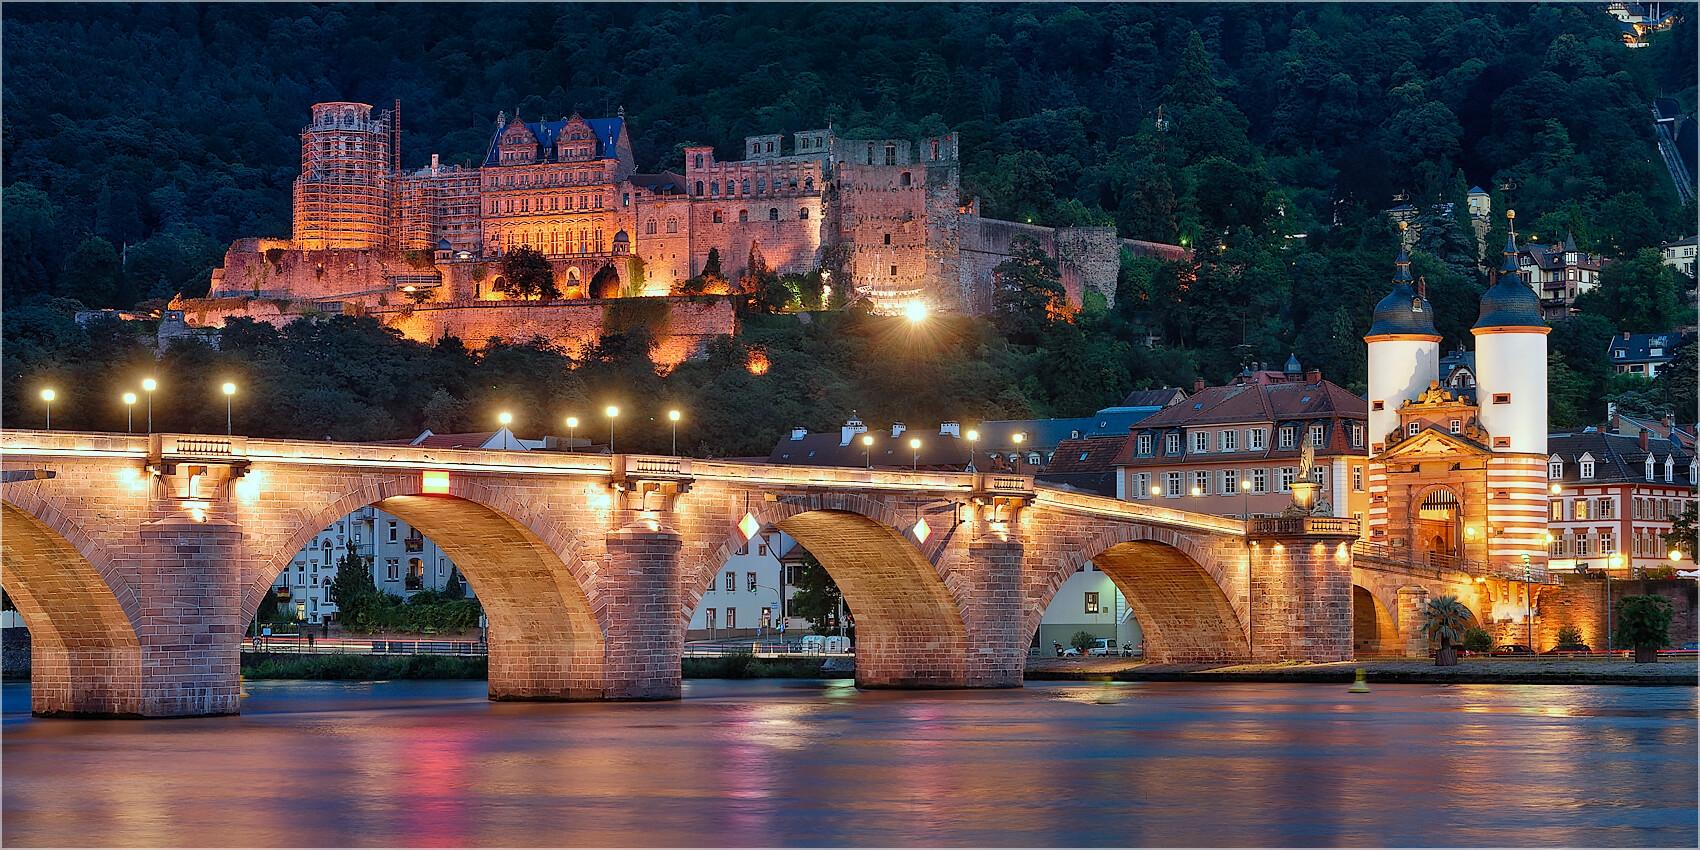 Panoramabild Heidelberg alte Brücke und Schloß